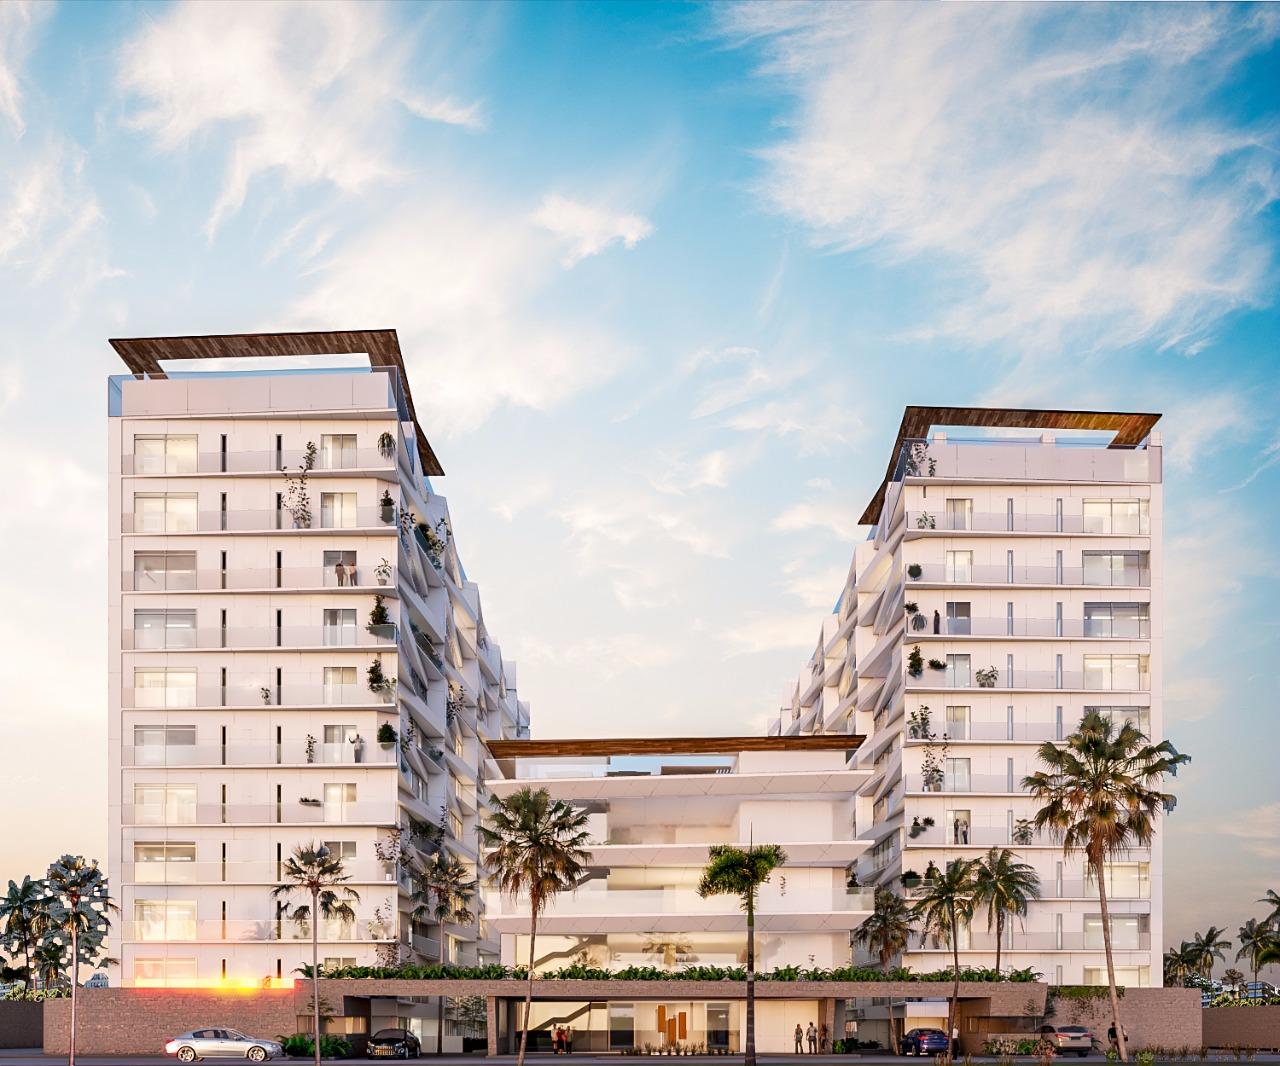 Nuevo e inovador desarrollo inteligente inmobiliario llega a Mérida.